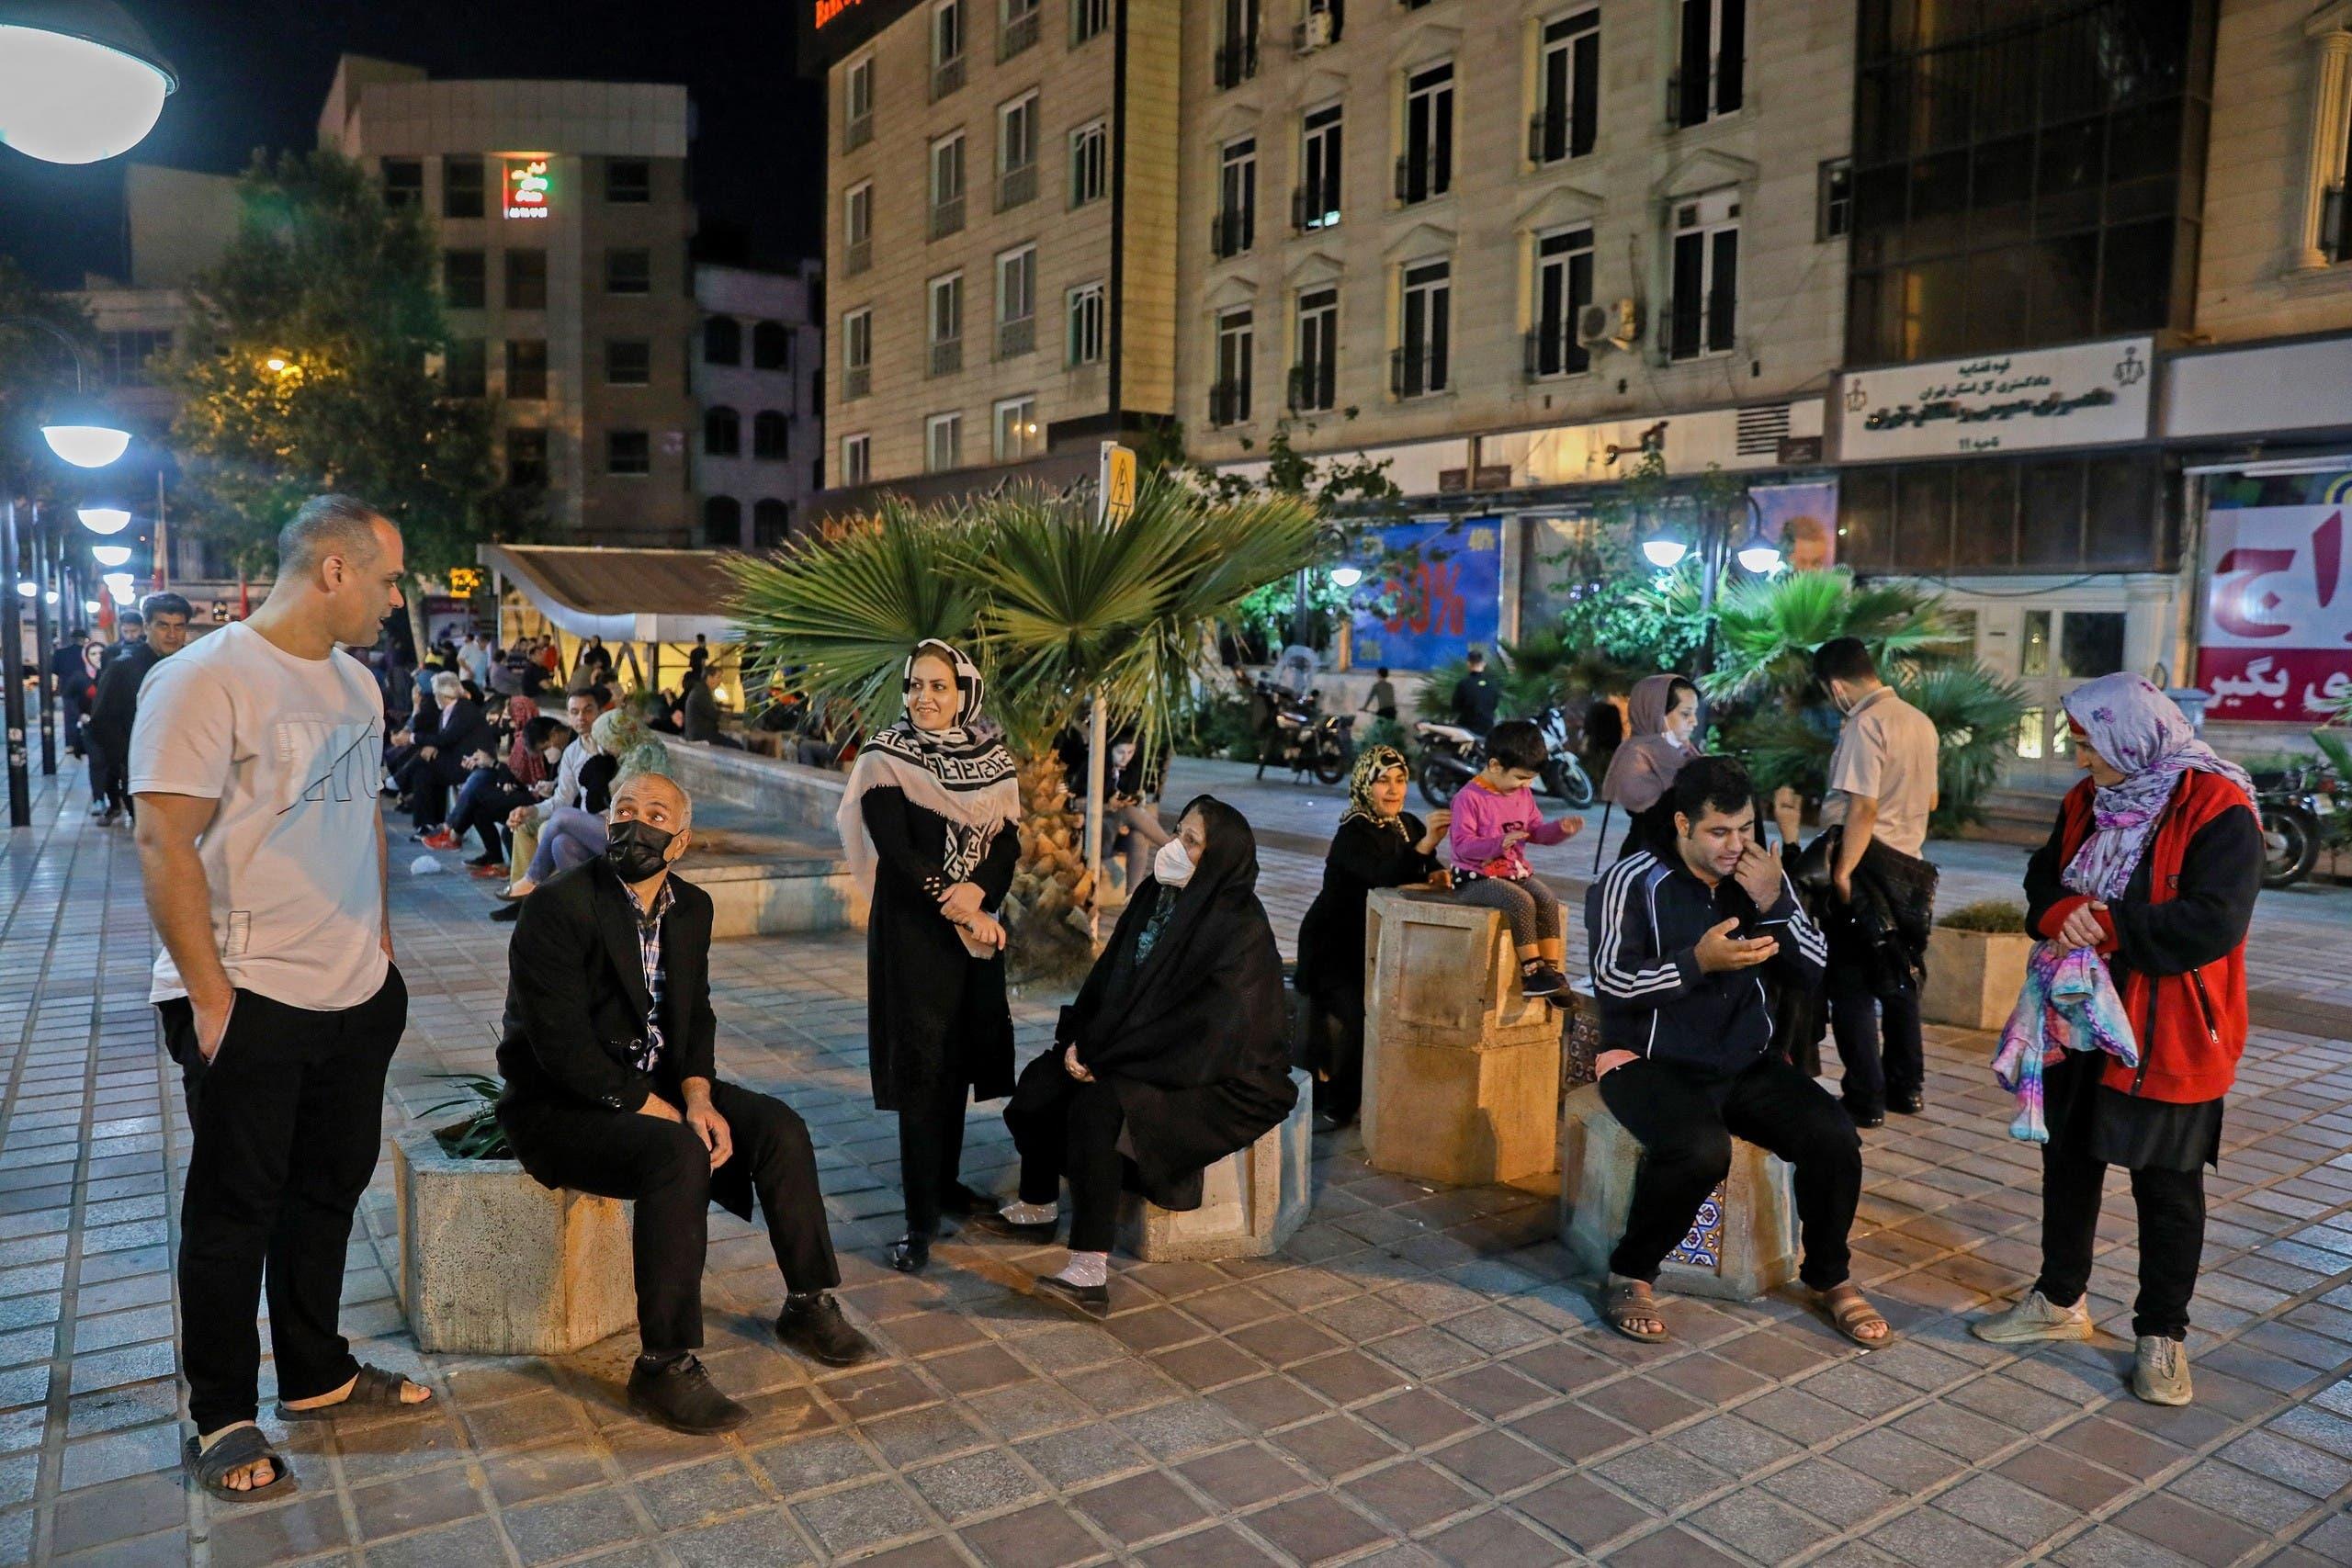 سكان في طهران نزلوا للشارع إثر هزة أرضية في مايو 2020